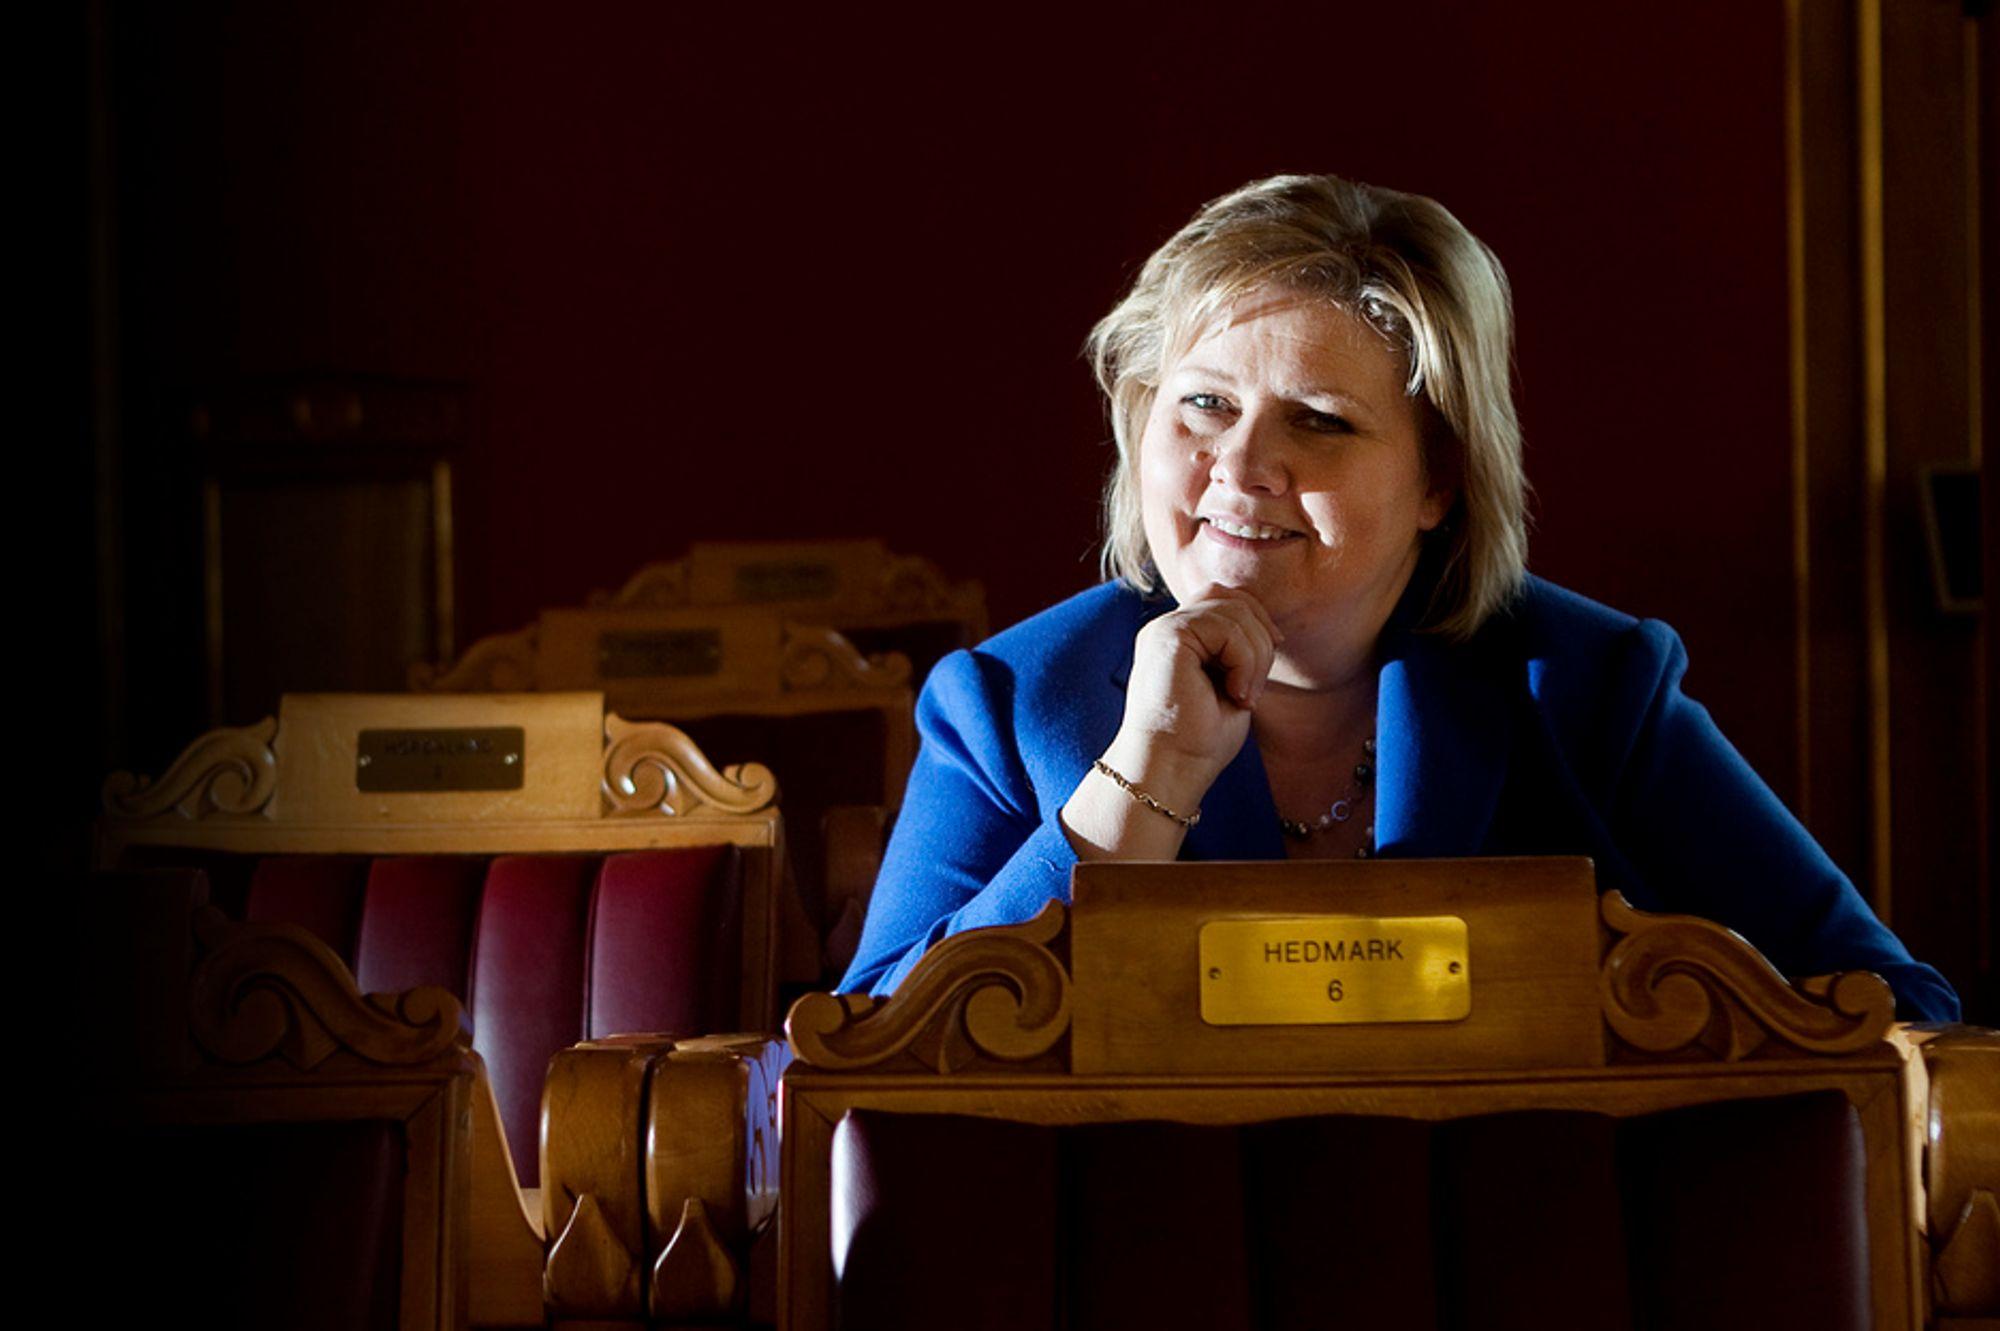 Dagens regjering er for opptatt av å posere i mediene, mener Høyre-leder Erna Solberg.